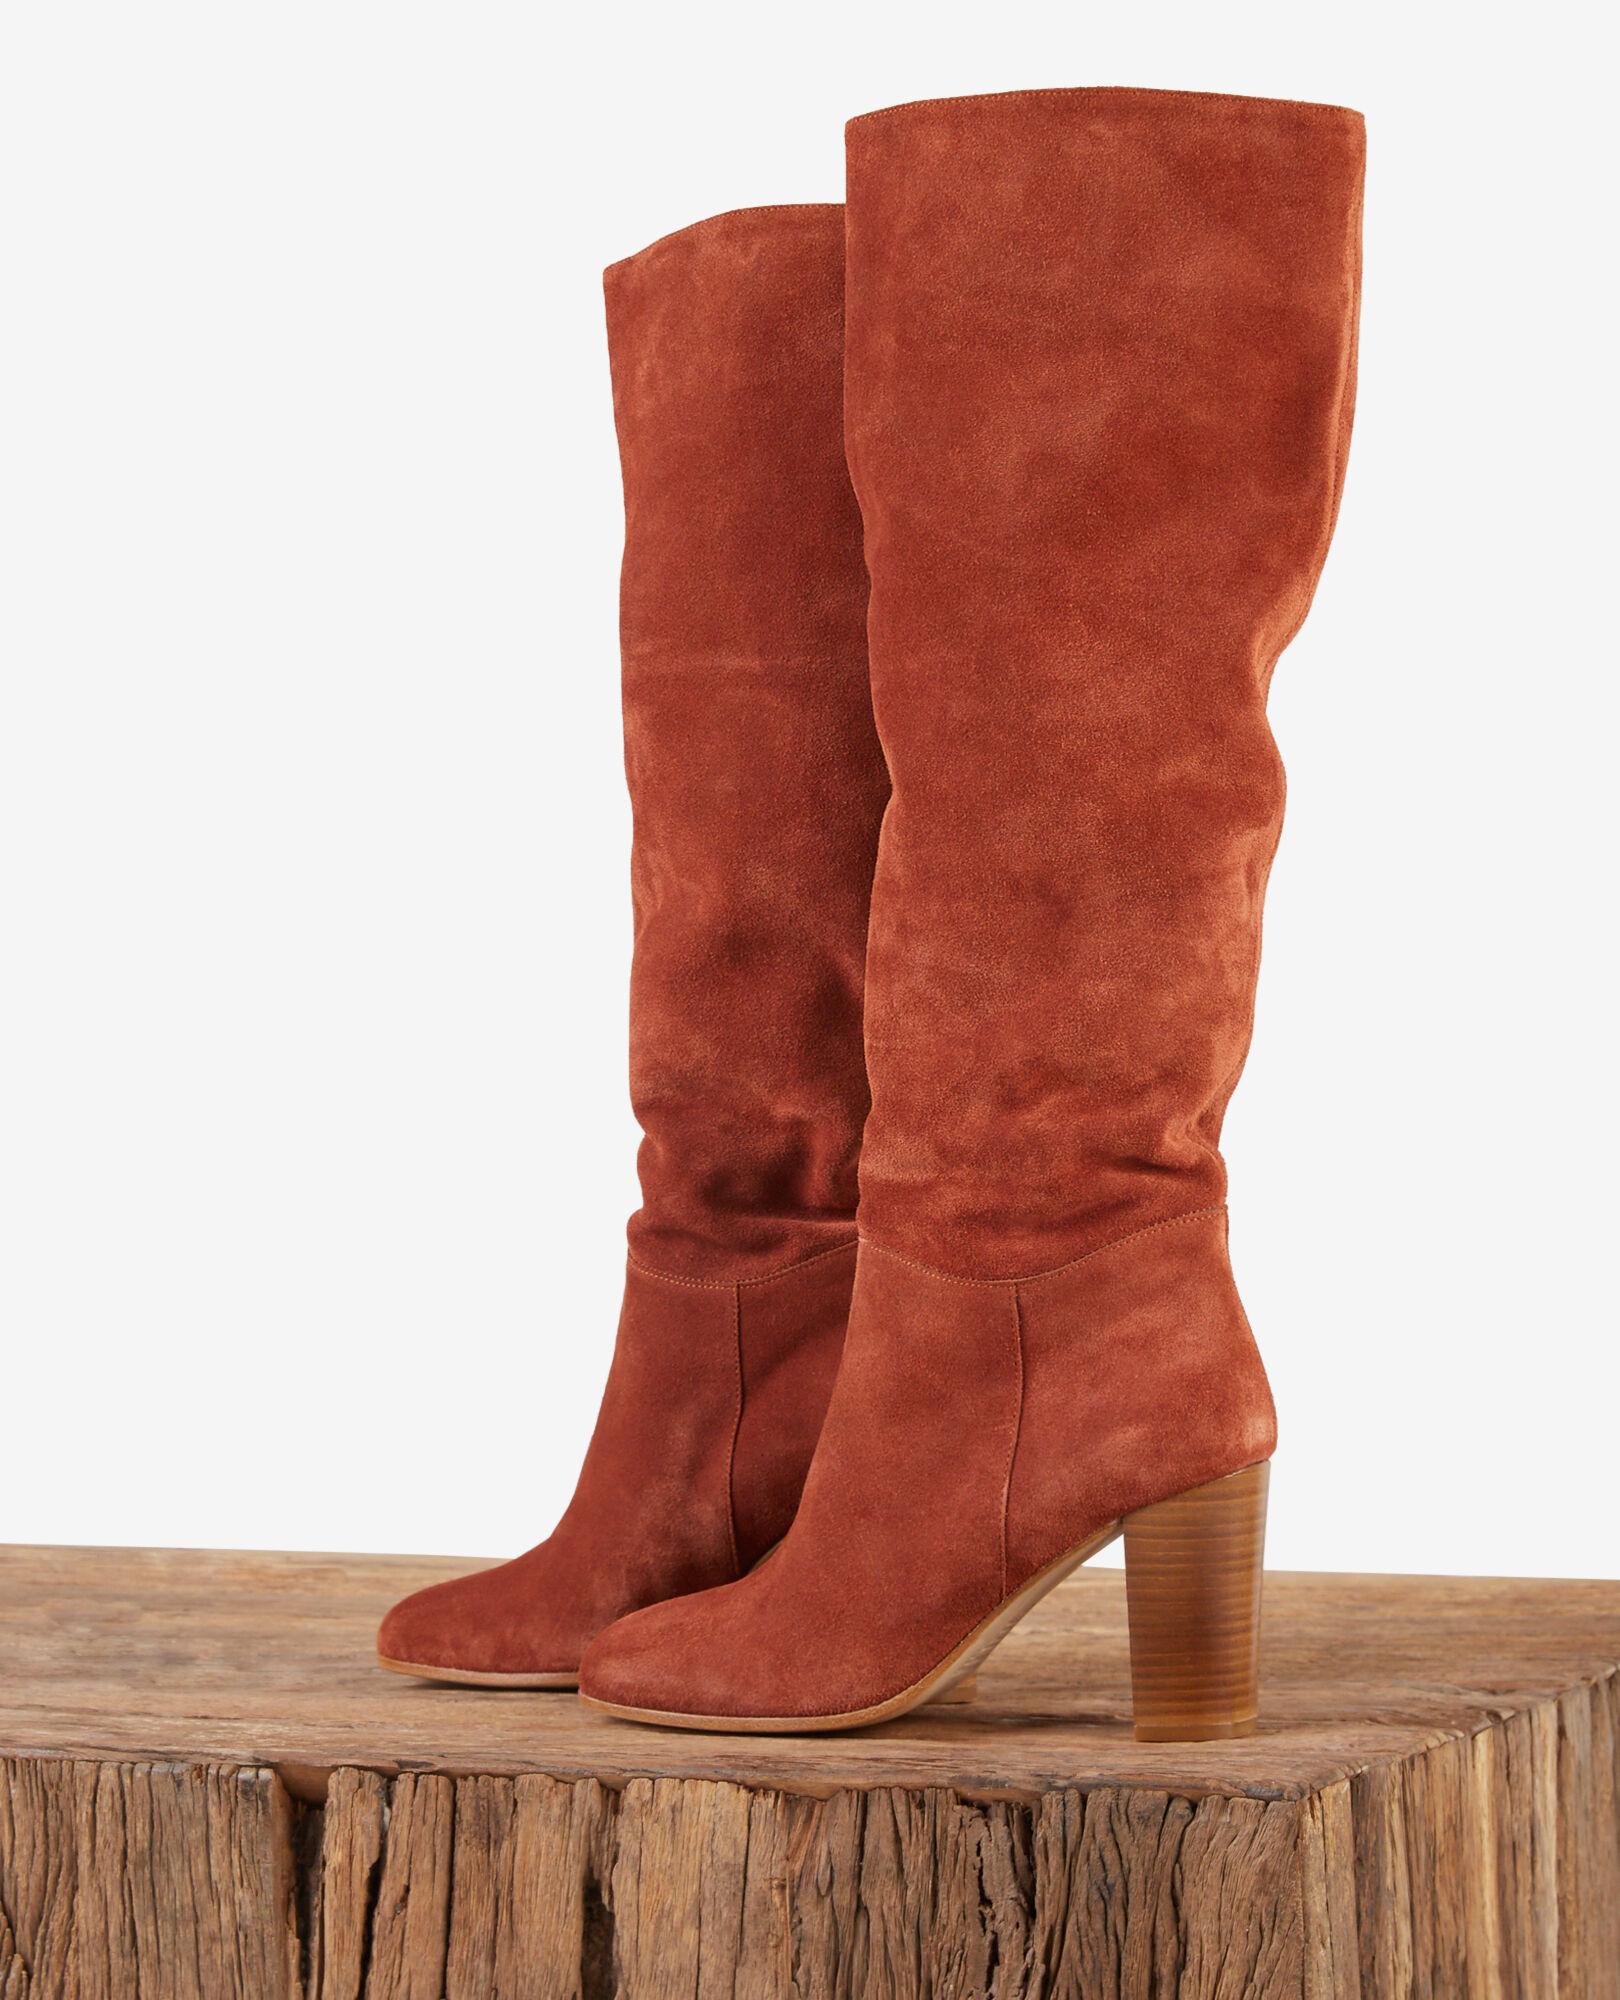 cuir en velours Bottes couleur femme DotteComptoir des Rust IgvYfmb76y